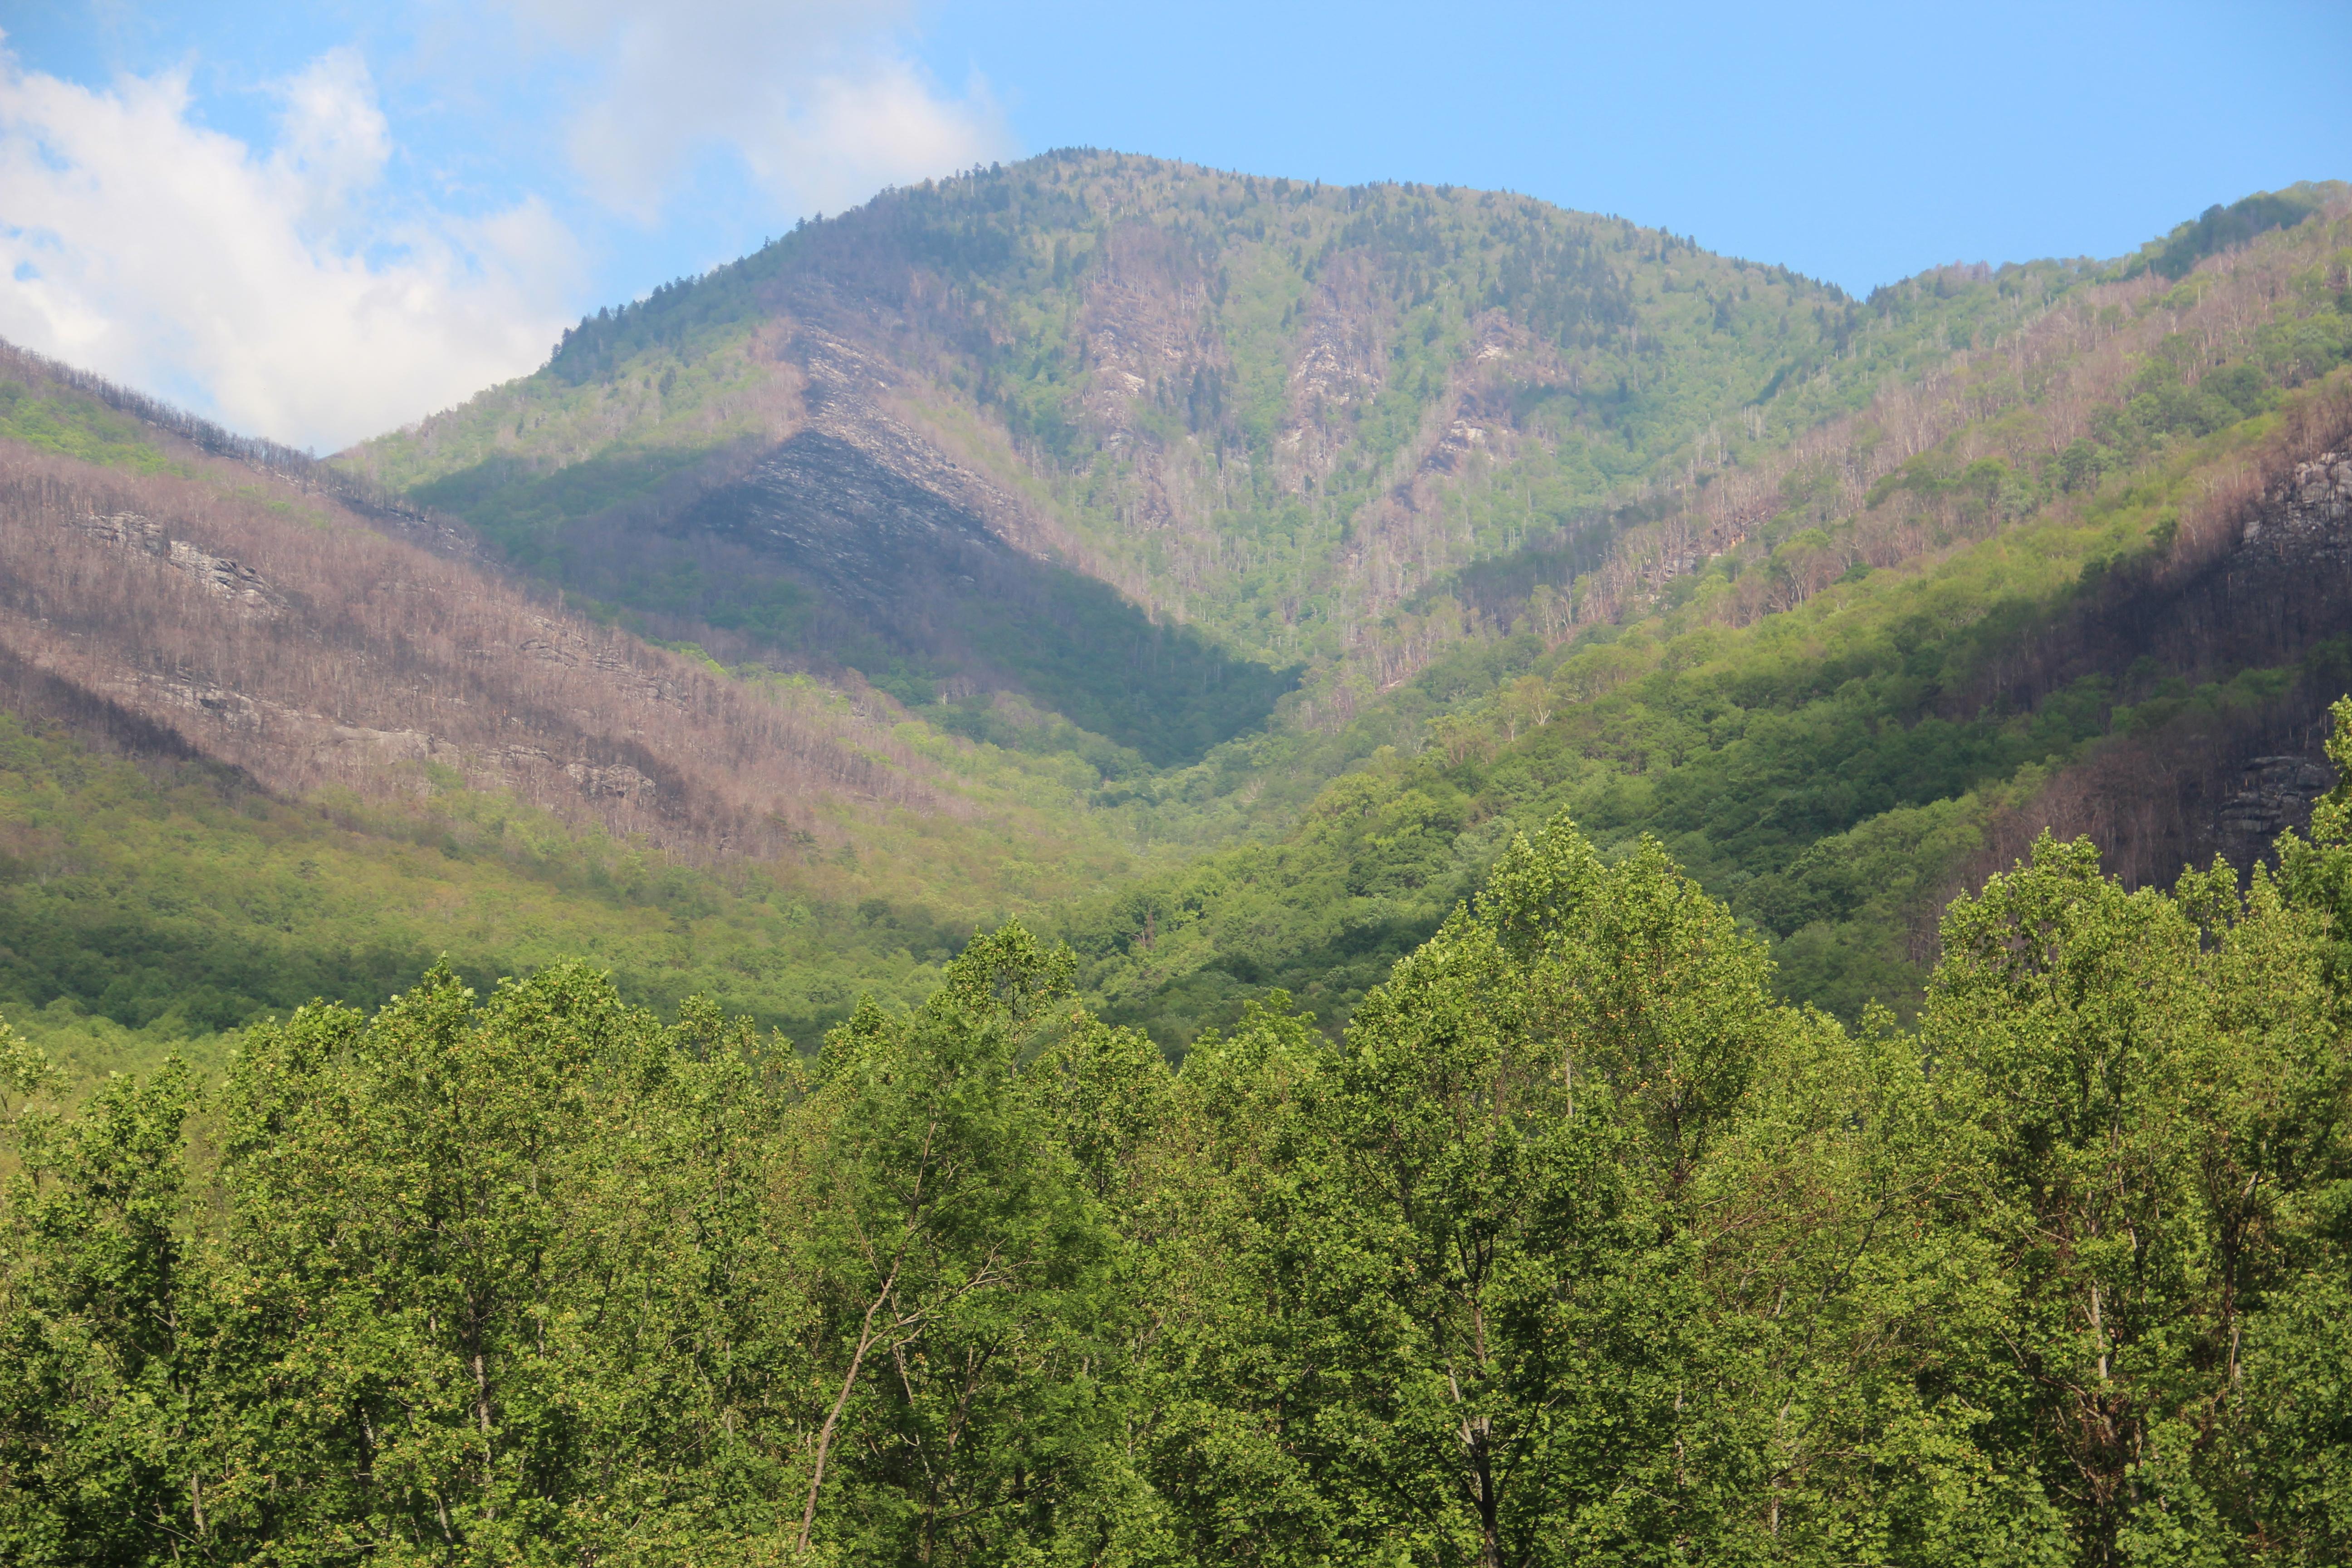 Mount Le Conte Tennessee Wikipedia